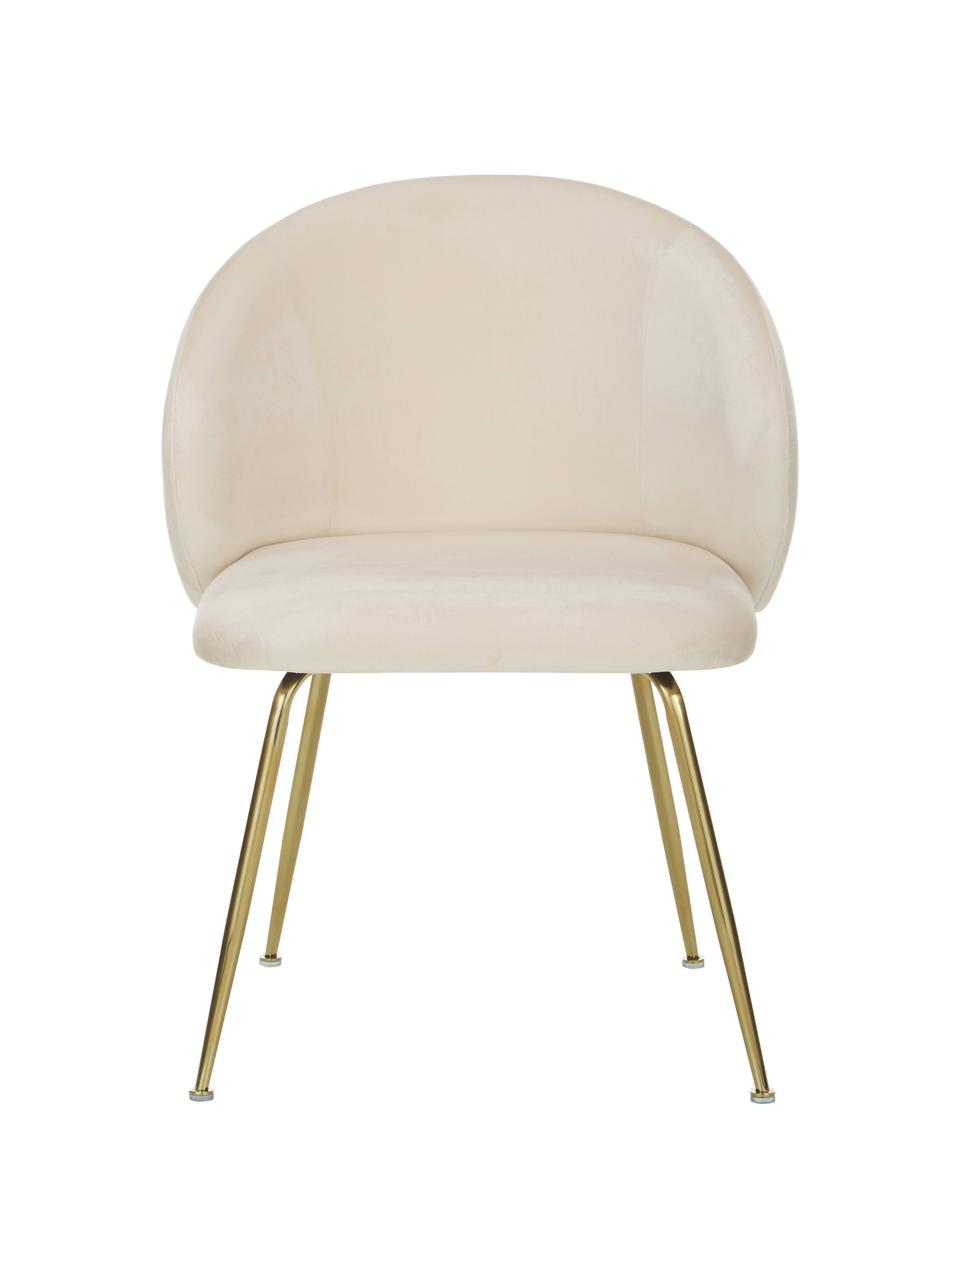 Chaise velours rembourré Luisa, 2pièces, Velours blanc crème, or